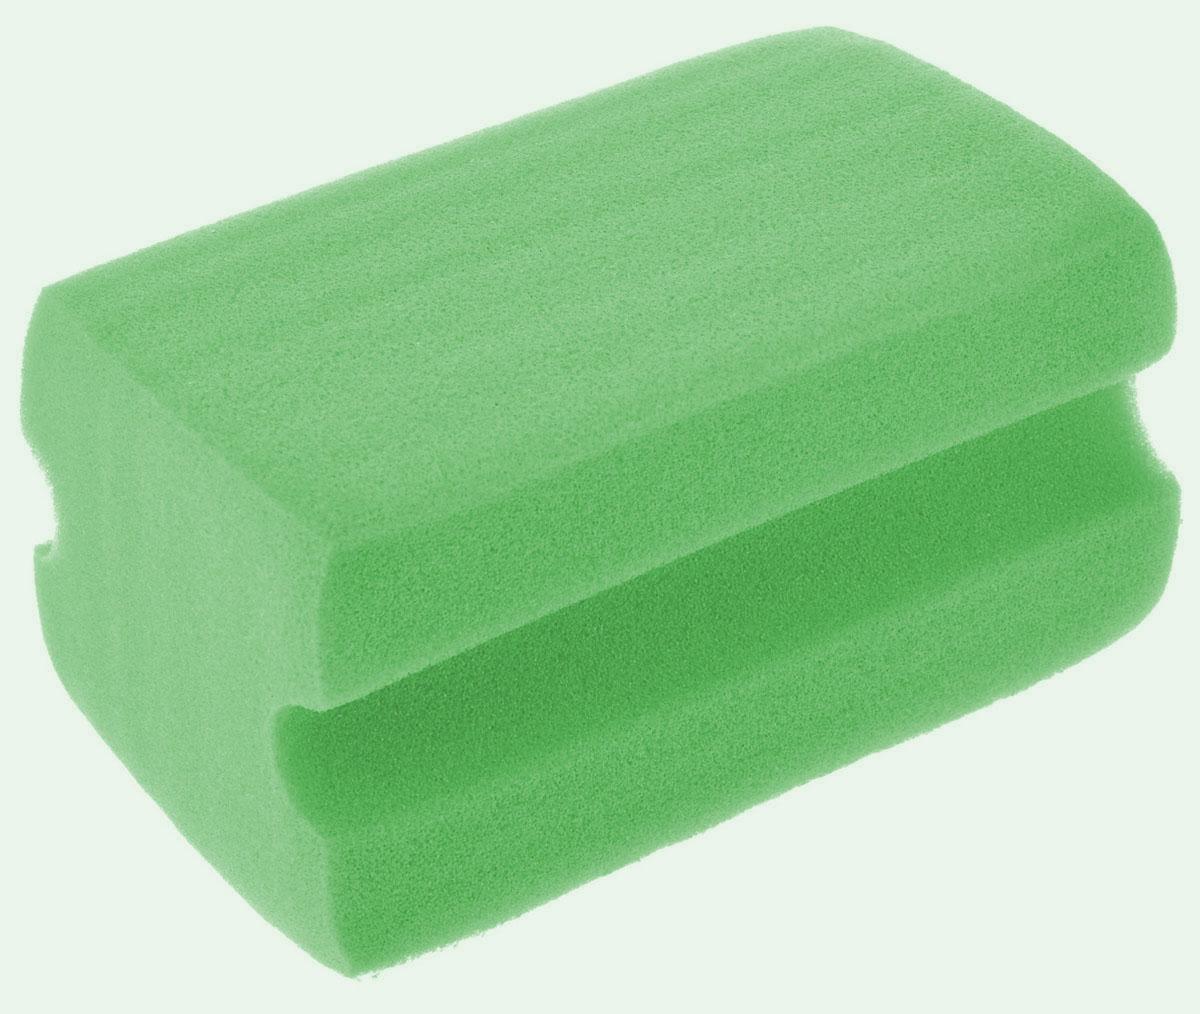 Губка для мытья автомобиля Sapfire Альфа, цвет: зеленыйSGM-0501_зеленыйГубка Sapfire Альфа, изготовленная из пенополиуретана, обеспечивает бережный уход за лакокрасочным покрытием автомобиля, обладает высокими абсорбирующими свойствами. При использовании с моющими средствами изделие создает обильную пену. Губка Sapfire Альфа мягкая, способная сохранять свою форму даже после многократного использования.